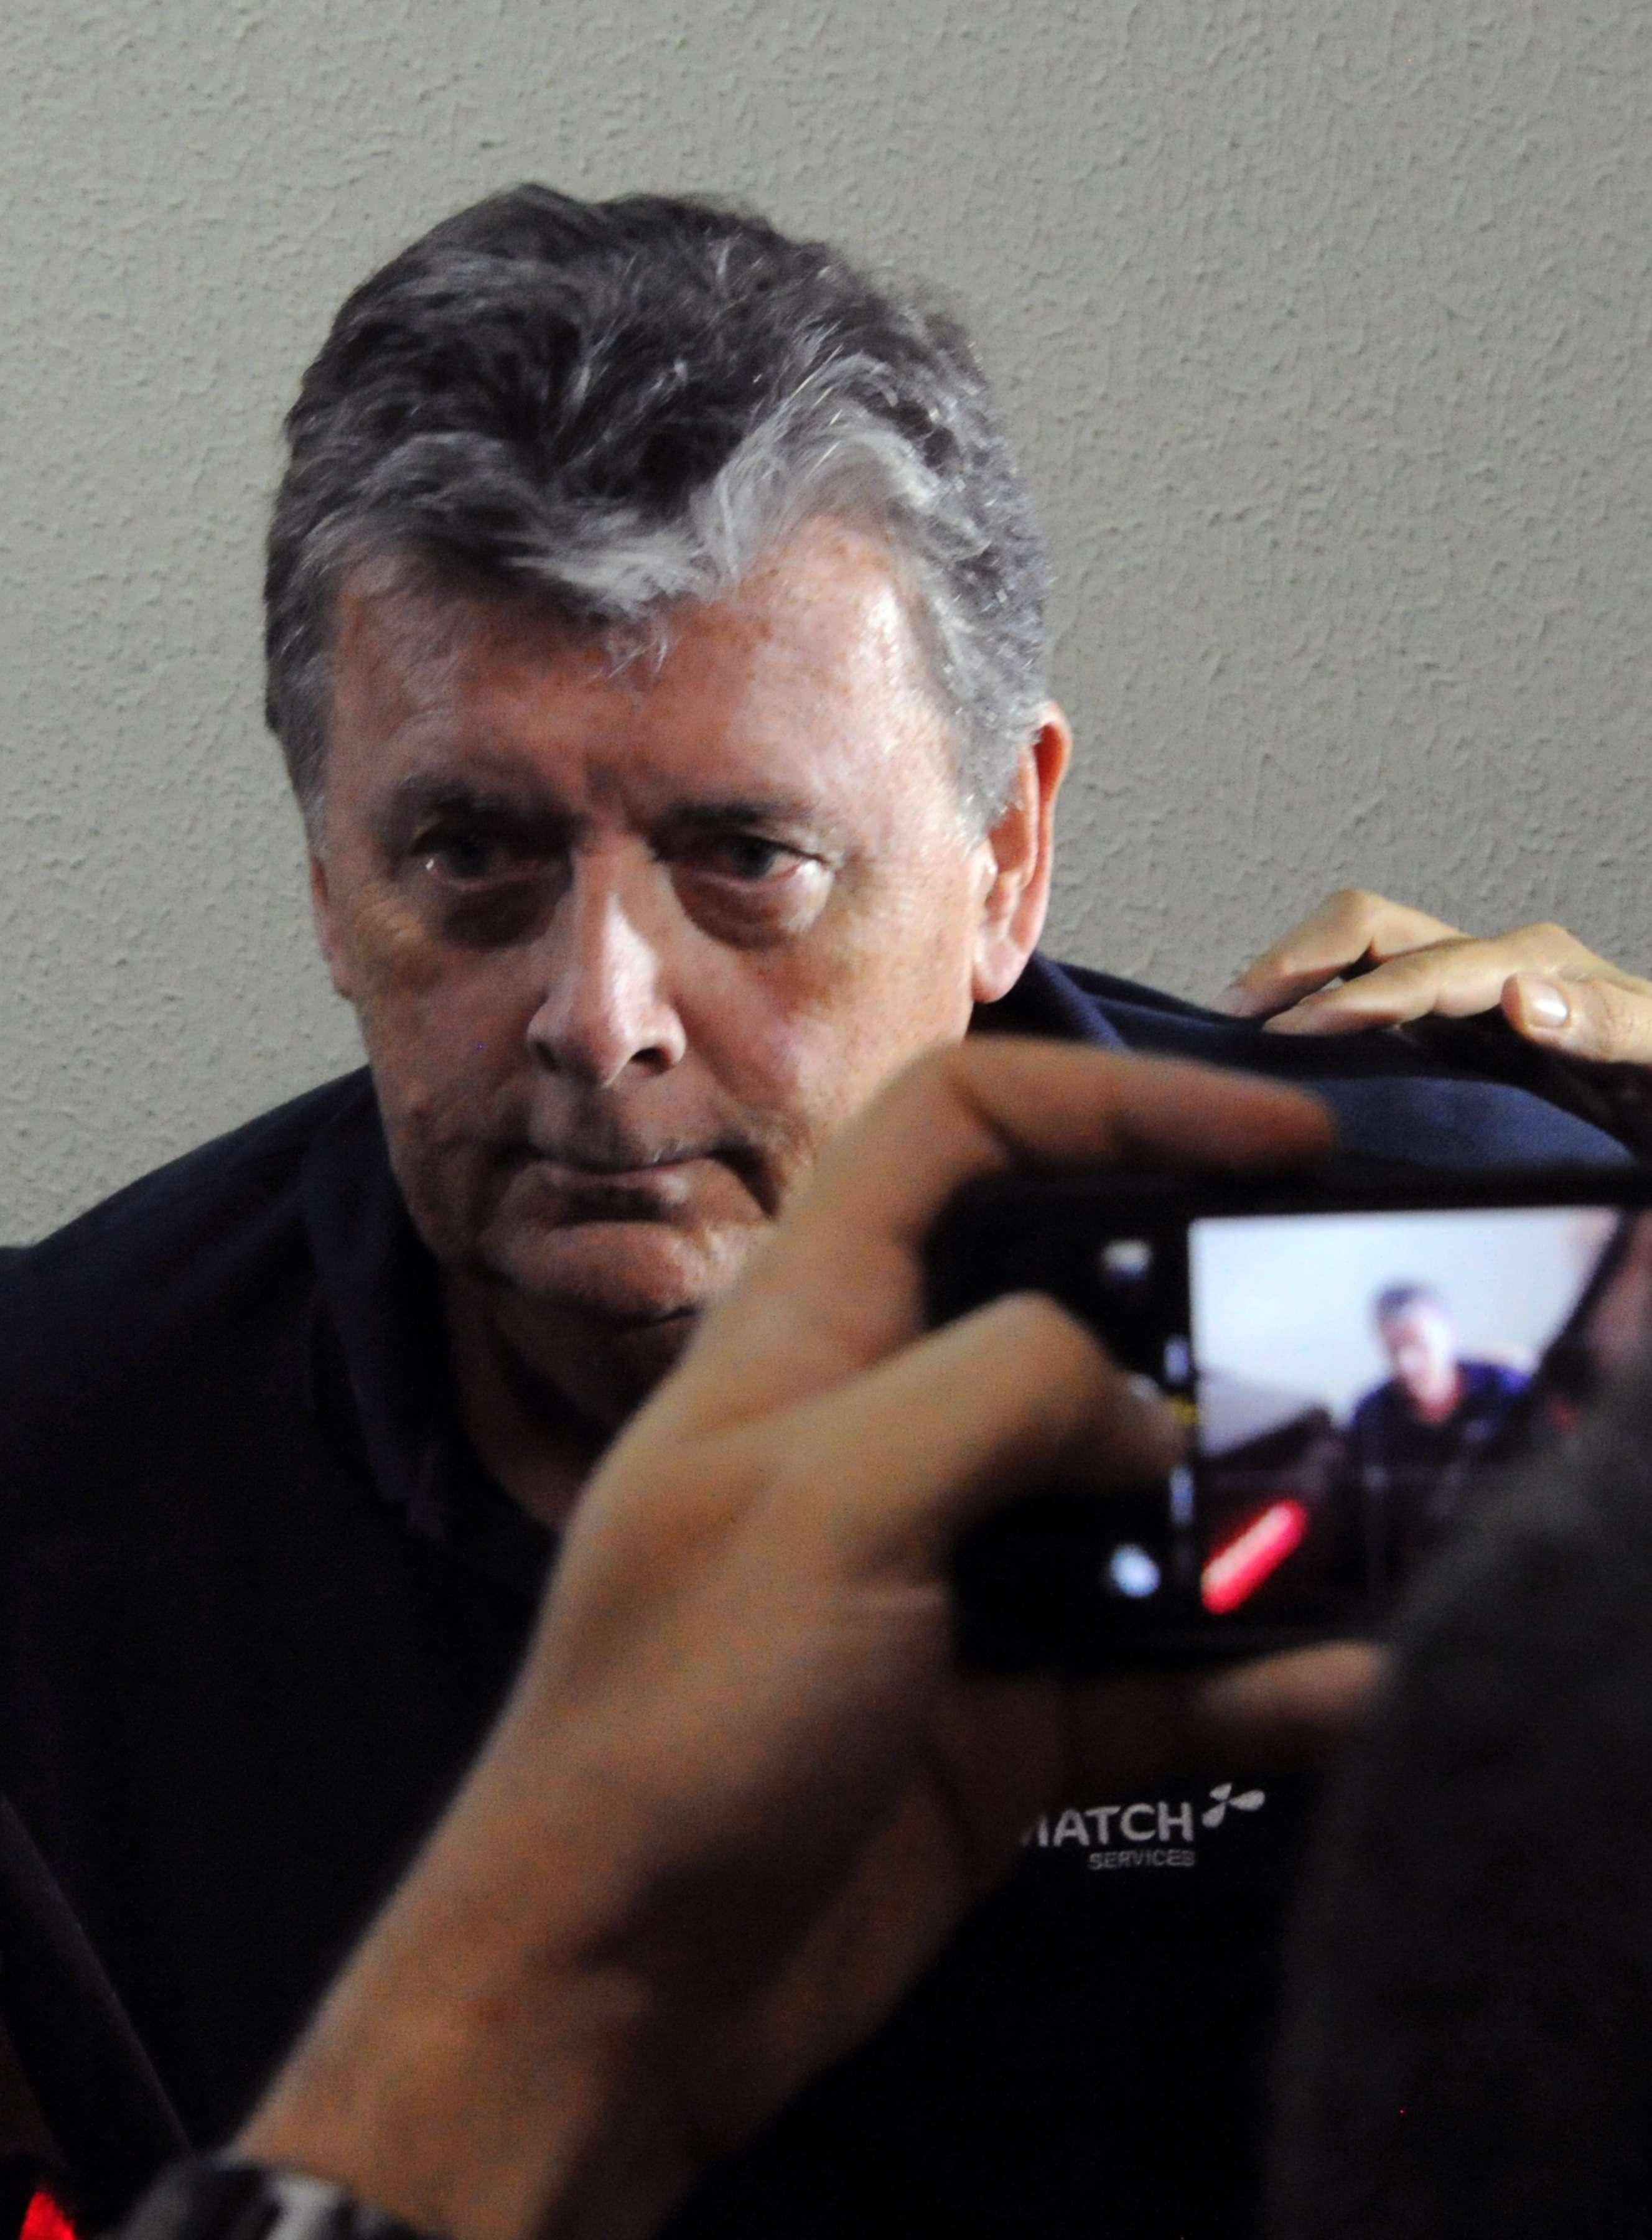 O CEO da Match, Raymond Whelan, chega à delegacia no Rio de Janeiro após prisão no Copacabana Palace por suspeita de comandar esquema internacional de venda ilegal de ingressos da Copa do Mundo Foto: Tasso Marcelo/AFP